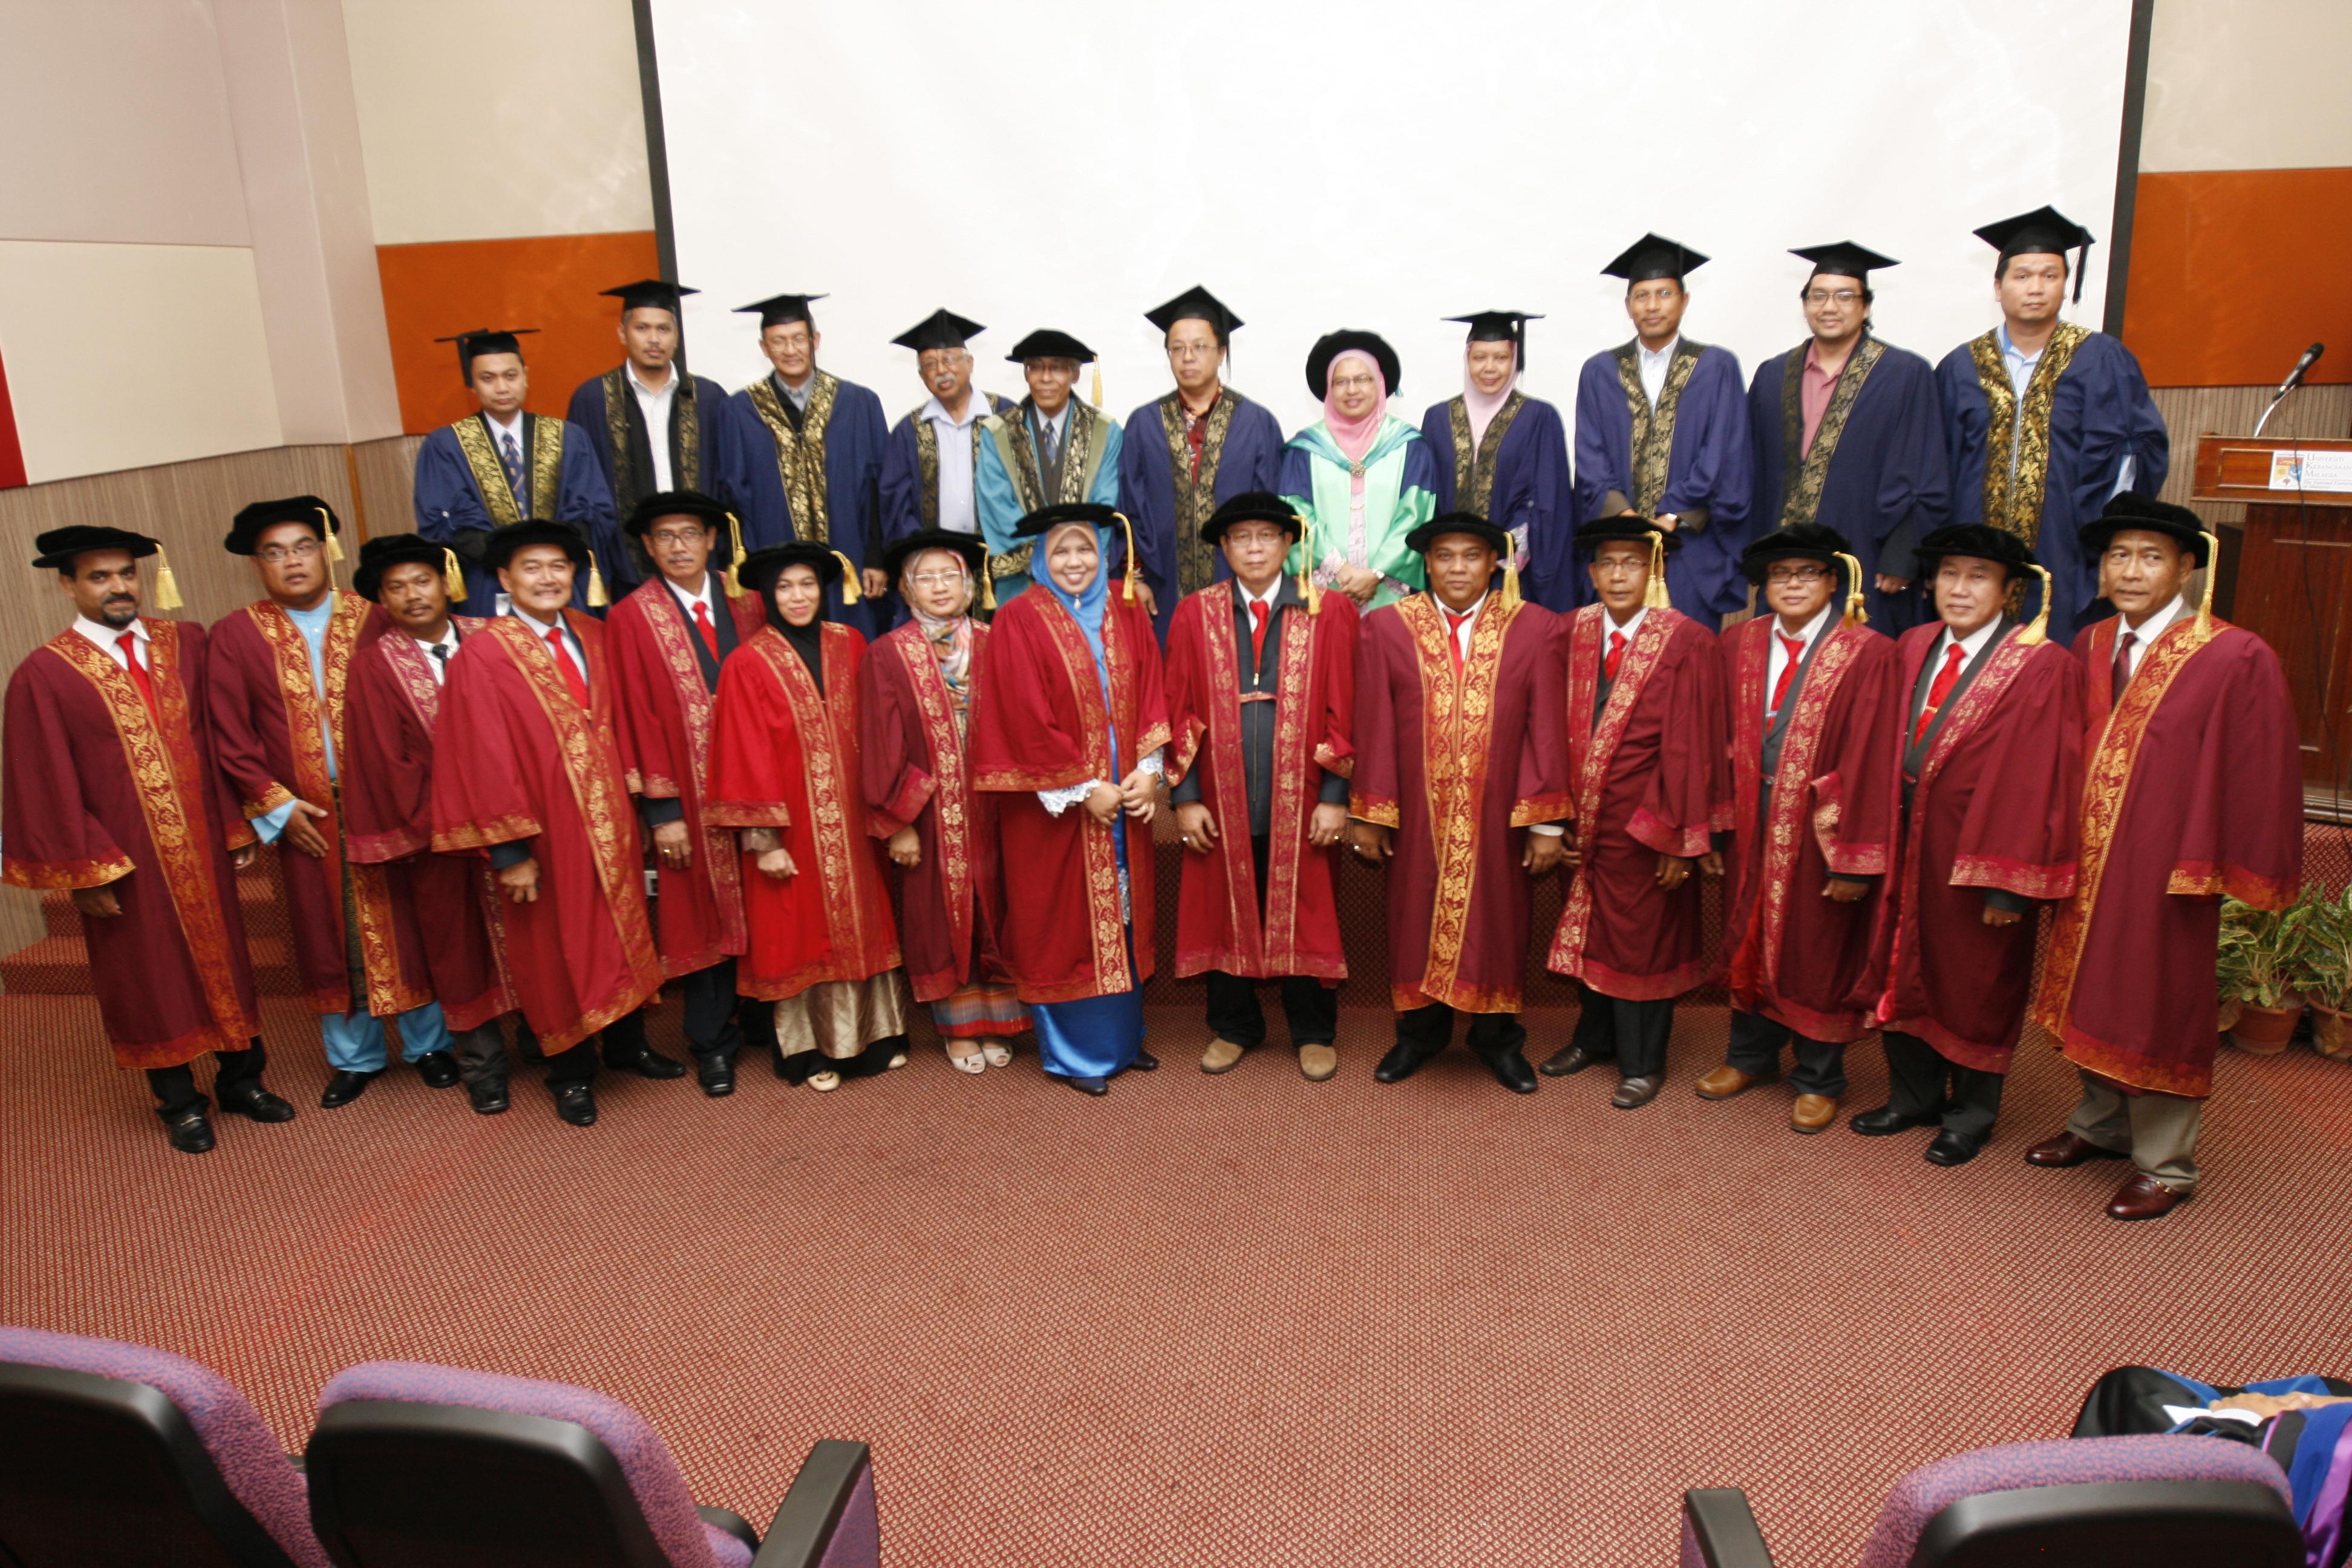 Majlis Pemakaian Jubah ATMA